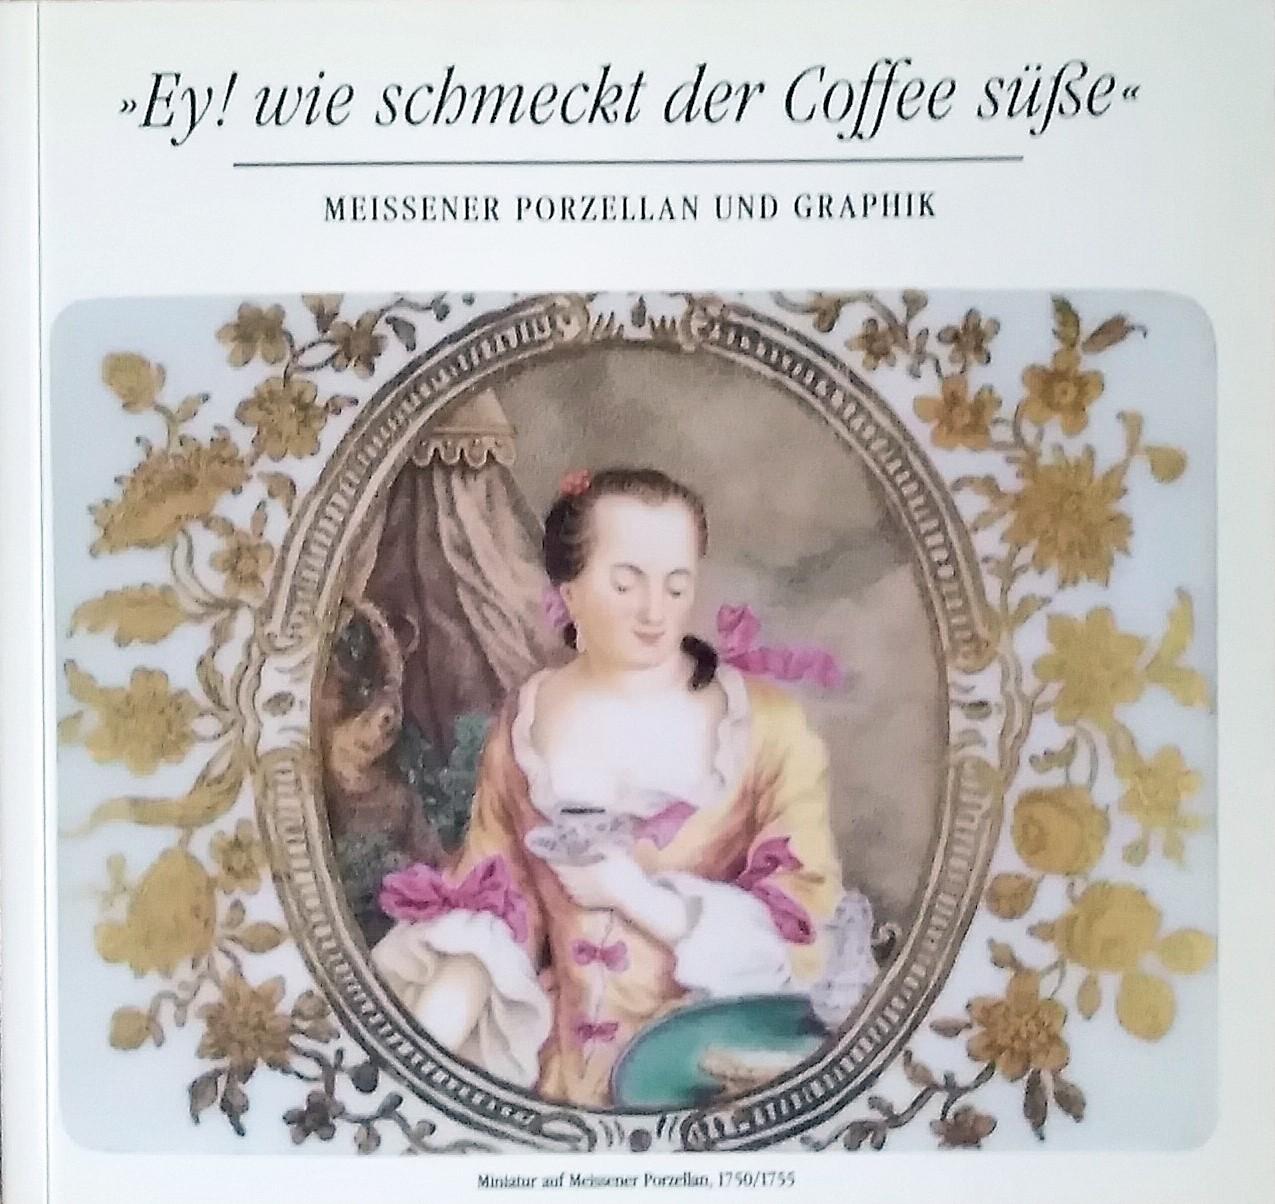 Ey! wie schmeckt der Coffee süße -: Staatliche Kunstsammlungen Dresden